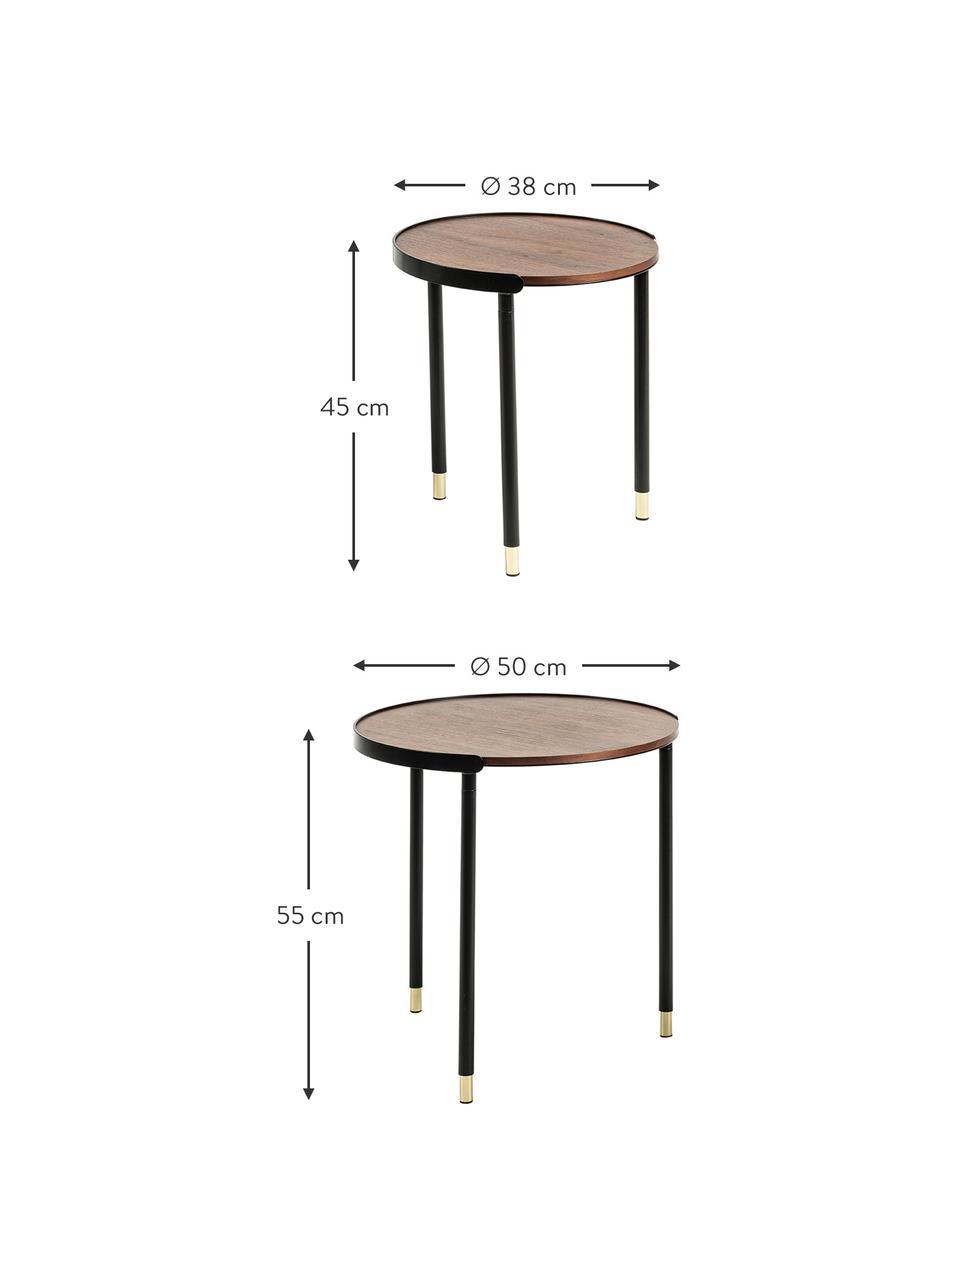 Beistelltisch 2er-Set Anabel, Beine: Metall, lackiert, Walnussholz, Schwarz, Sondergrößen